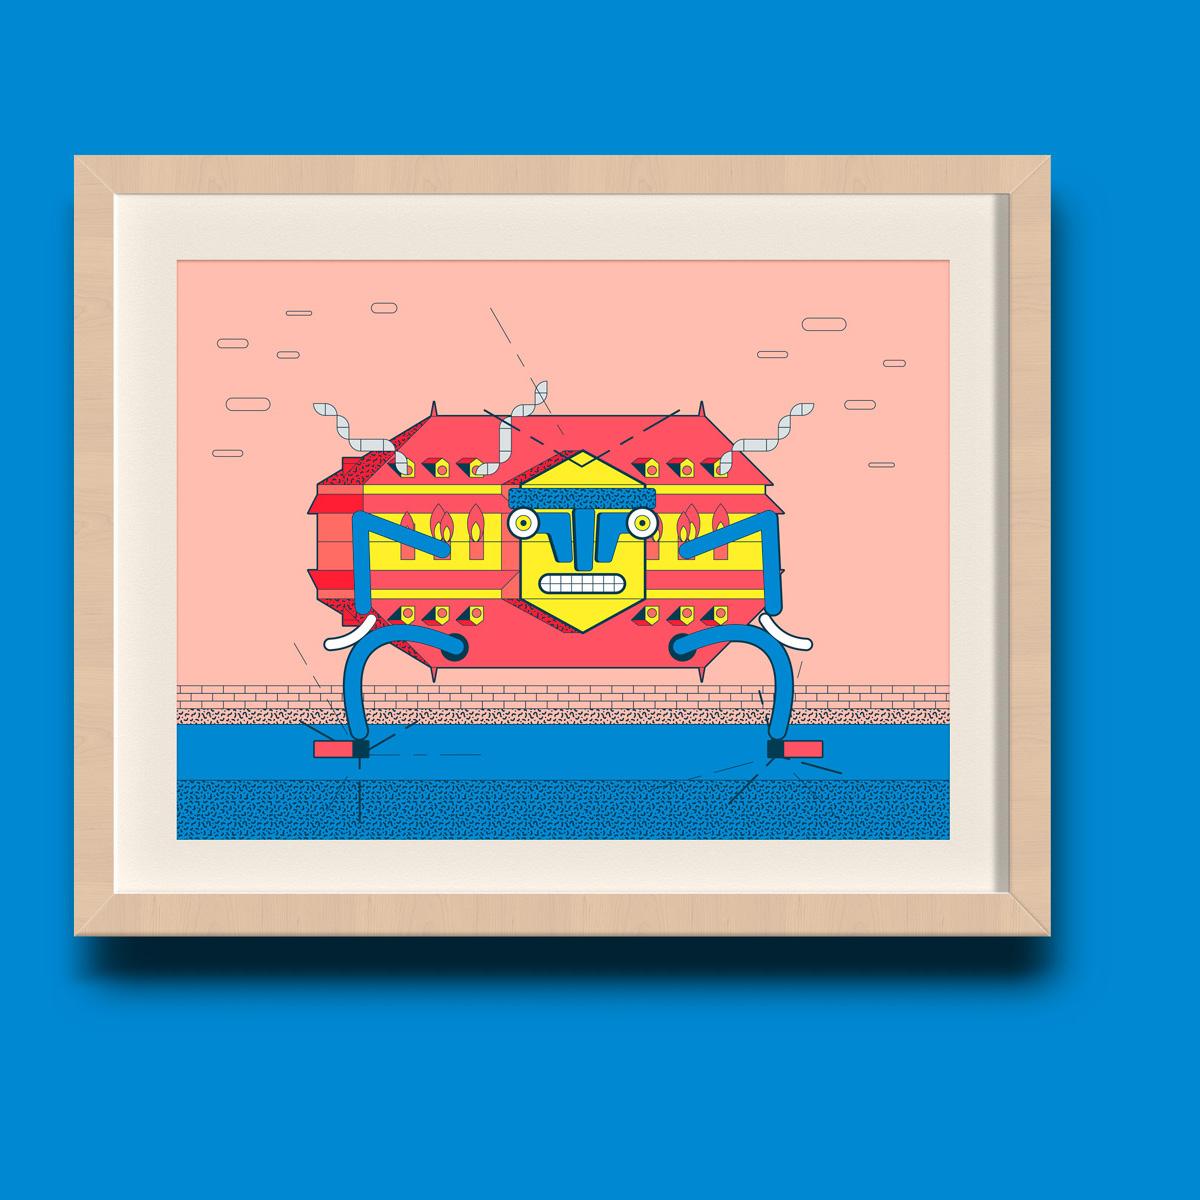 Maison-Tangible-Manufacture-images-objets-Besancon-Paris-Produits_Saline_Arcetsenans_Remi_Vincent_MaisonDirecteur_30x40_09_Carre.jpg